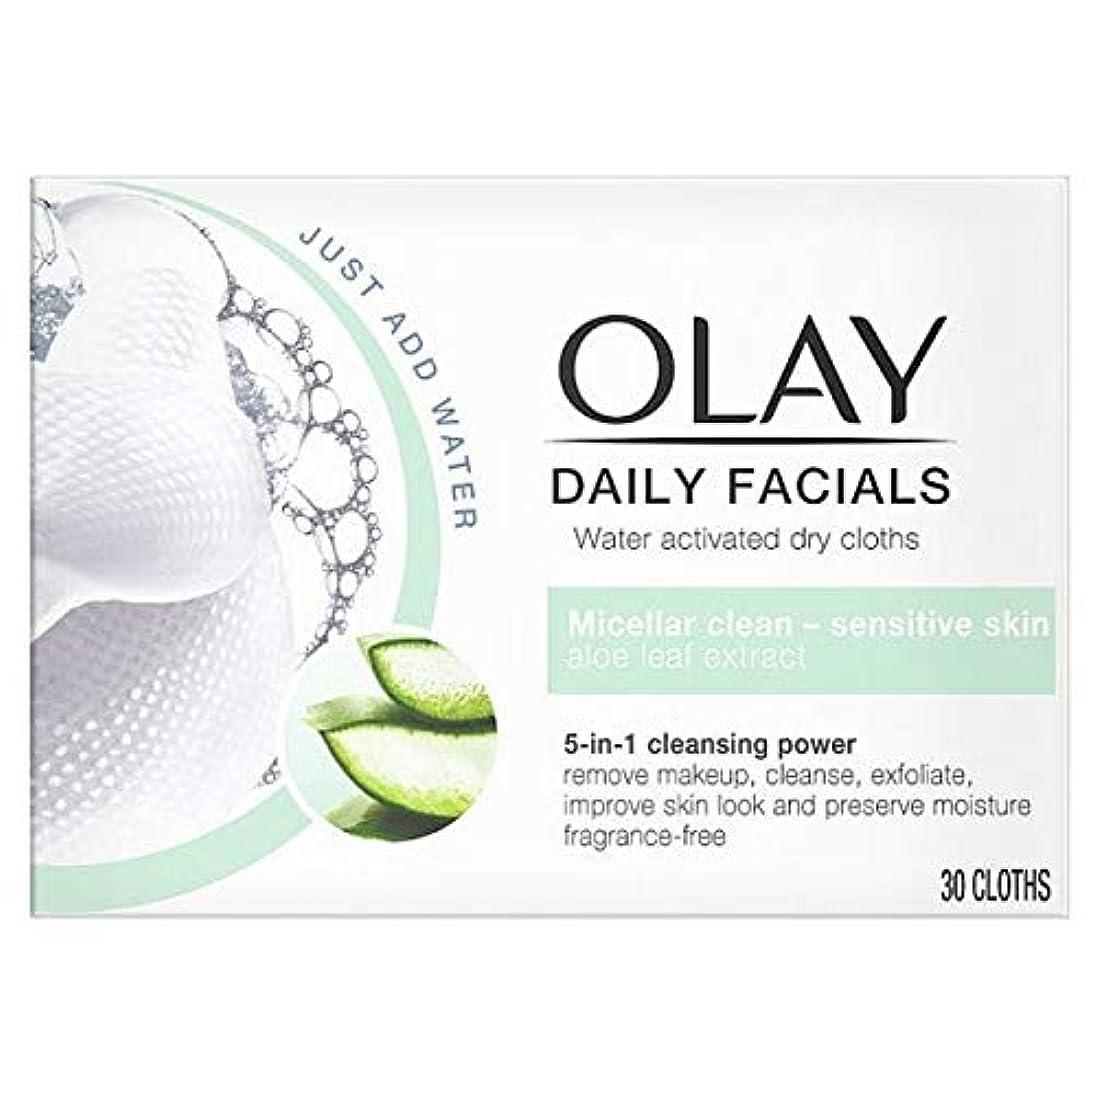 教養があるボトルネック風[Olay ] オーレイ毎日フェイシャル5-In1は乾燥布 - 敏感肌 - Olay Daily Facials 5-in1 Dry Cloths - Sensitive Skin [並行輸入品]